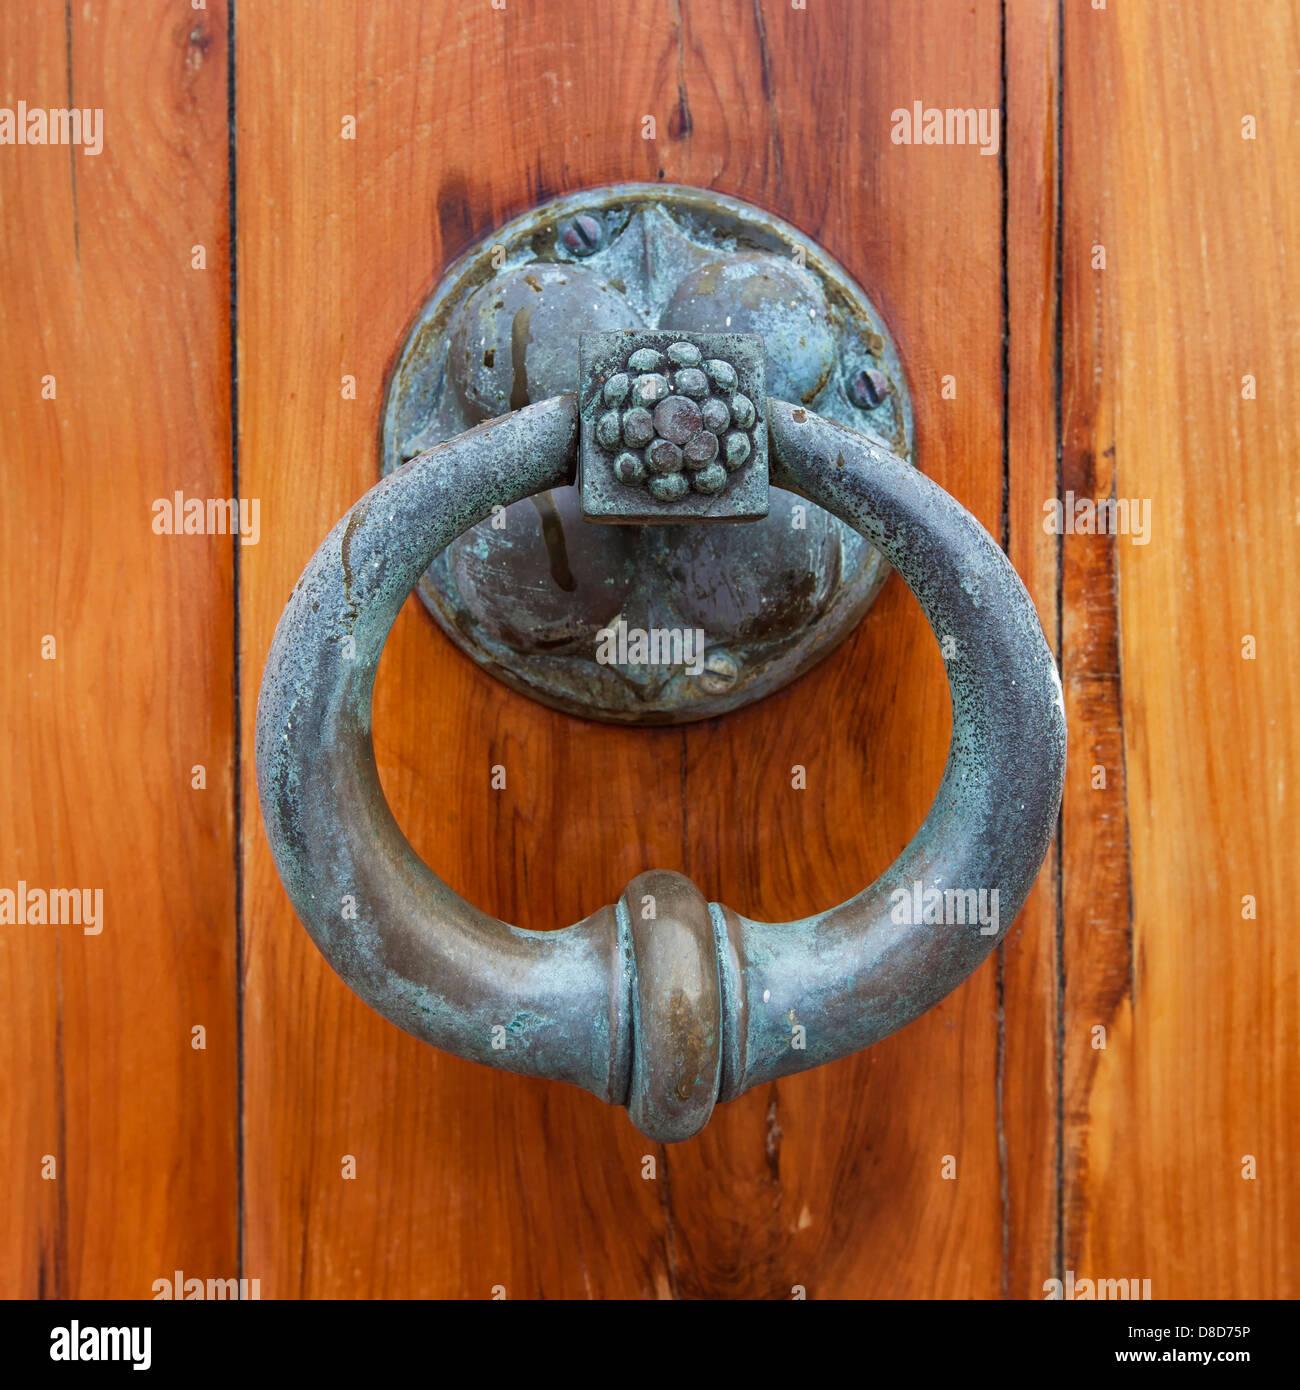 Antique door pull or door knocker on the front cedar door of St. Peter's Anglican Church, in St. George's, - Stock Image